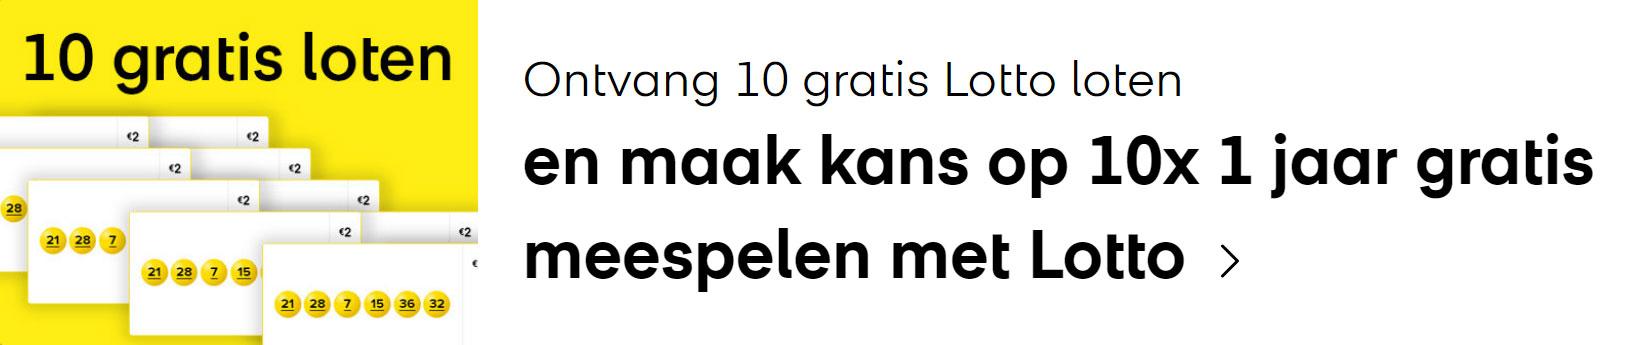 lotto 10 gratis loten